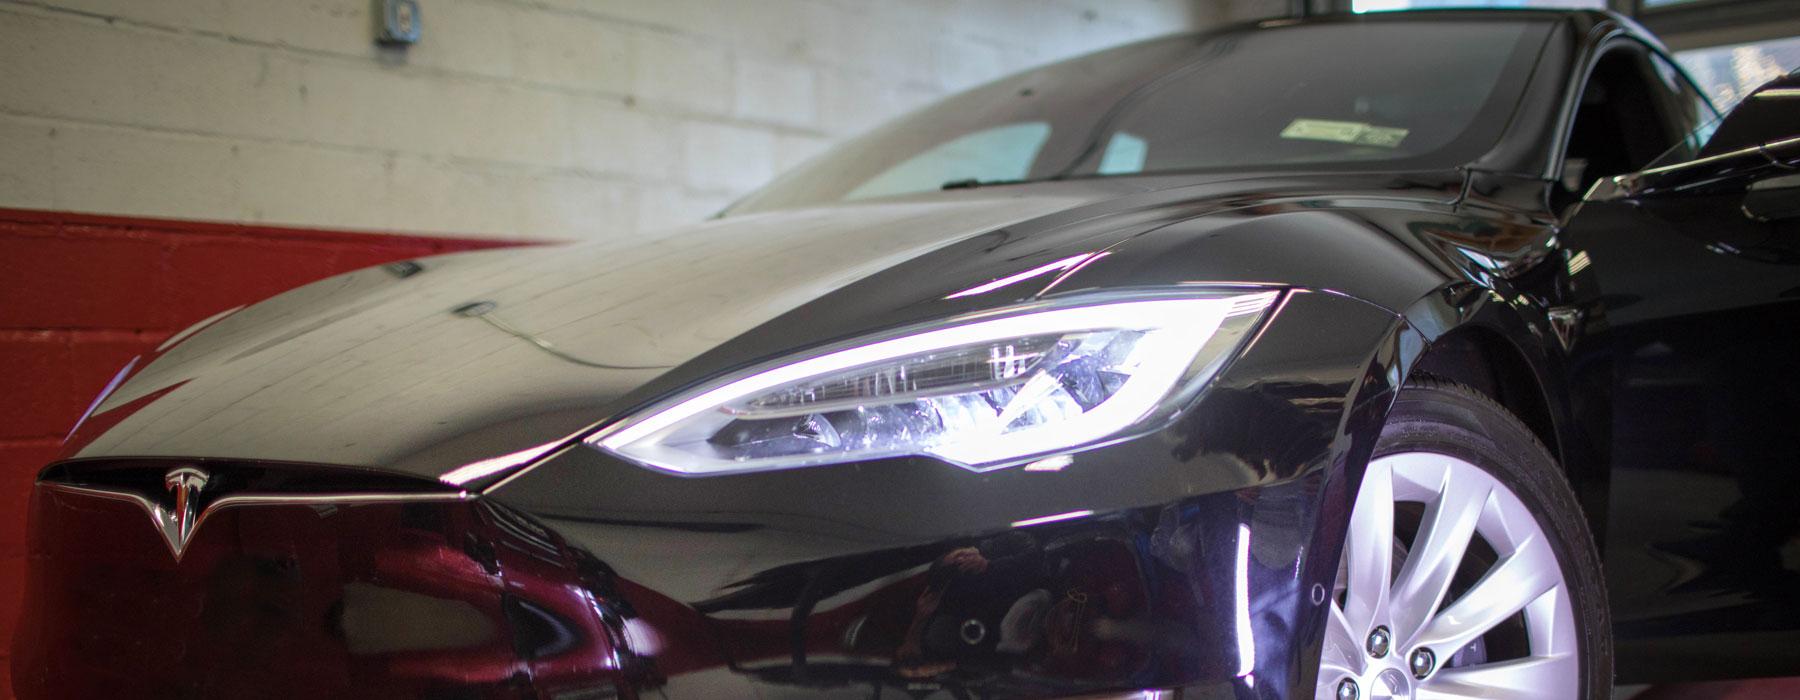 Certifications Tesla